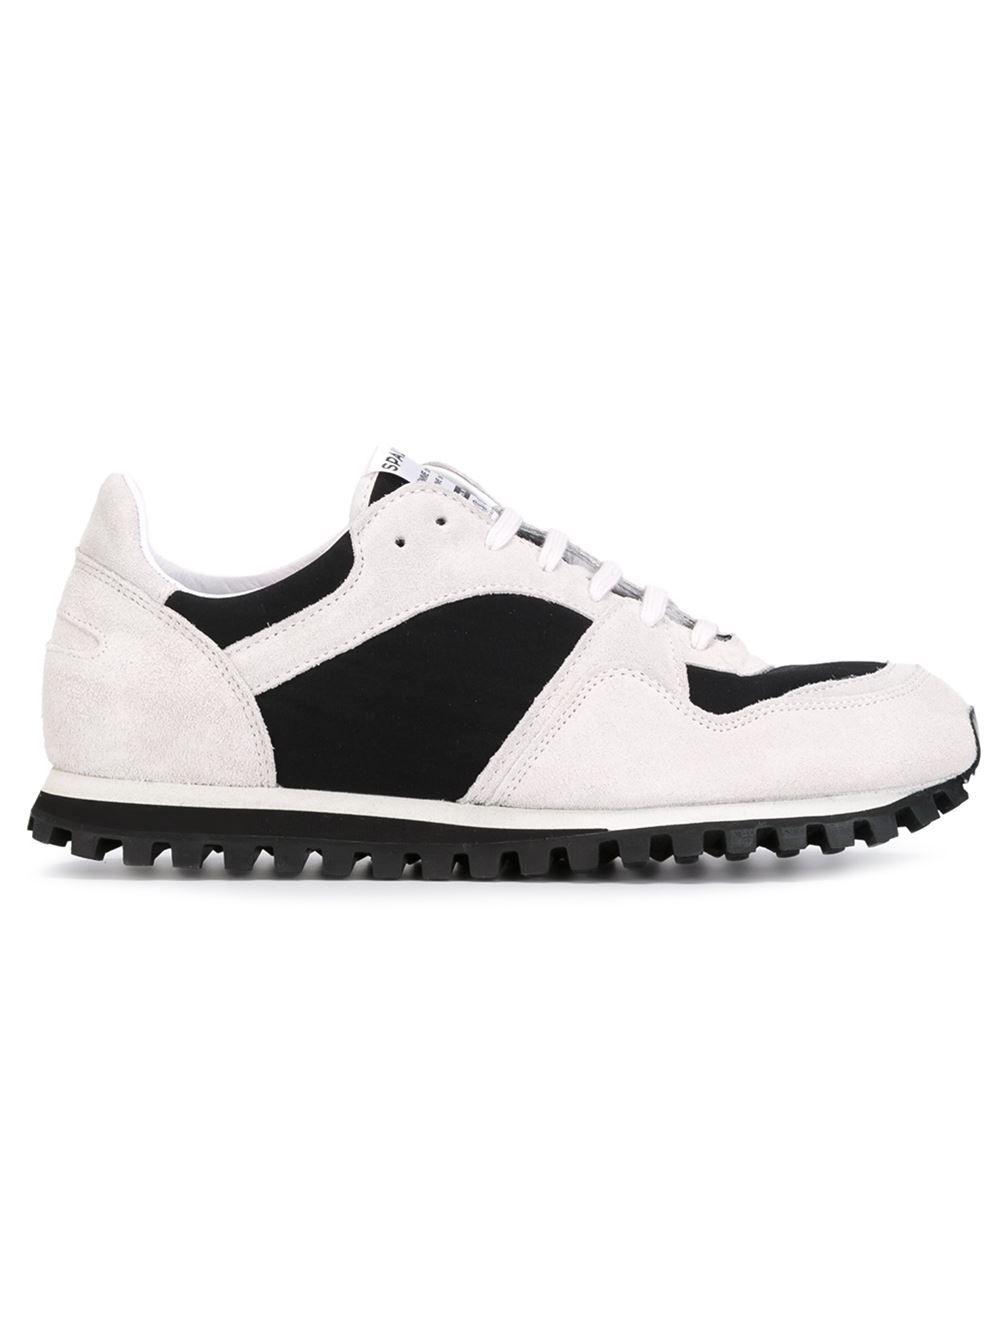 1023b0be9e31a9 Comme Des Garçons Comme Des Garçons Spalwart X Cdg Cdg Panelled Sneakers -  Hervia Bazaar - Farfetch.com